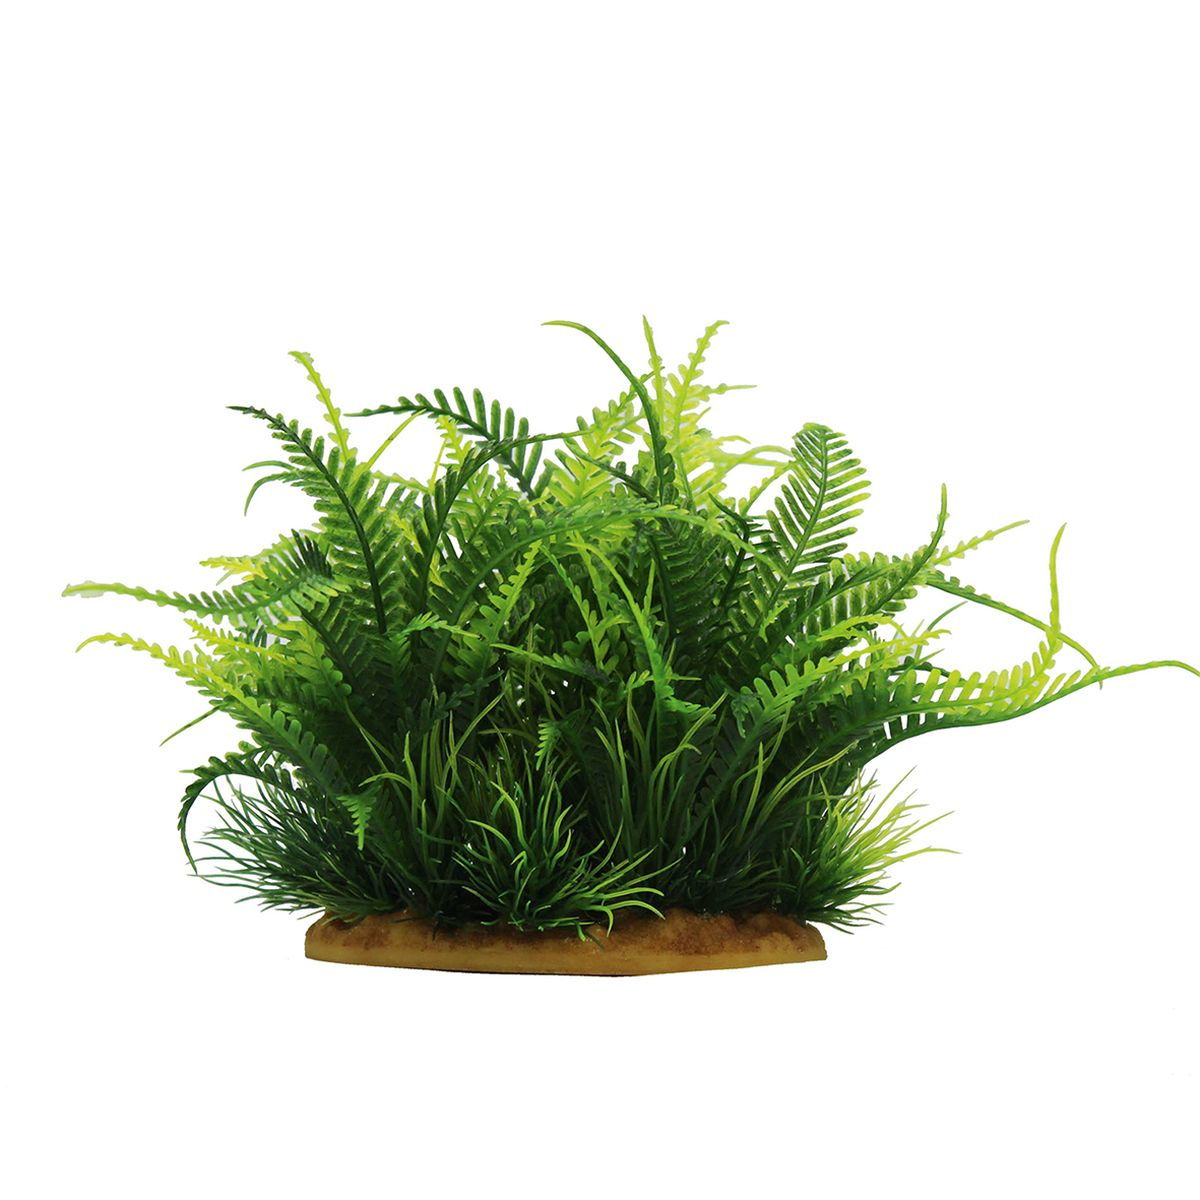 Растение для аквариума ArtUniq Папоротник, высота 15 см0120710Растение для аквариума ArtUniq Папоротник, высота 15 см